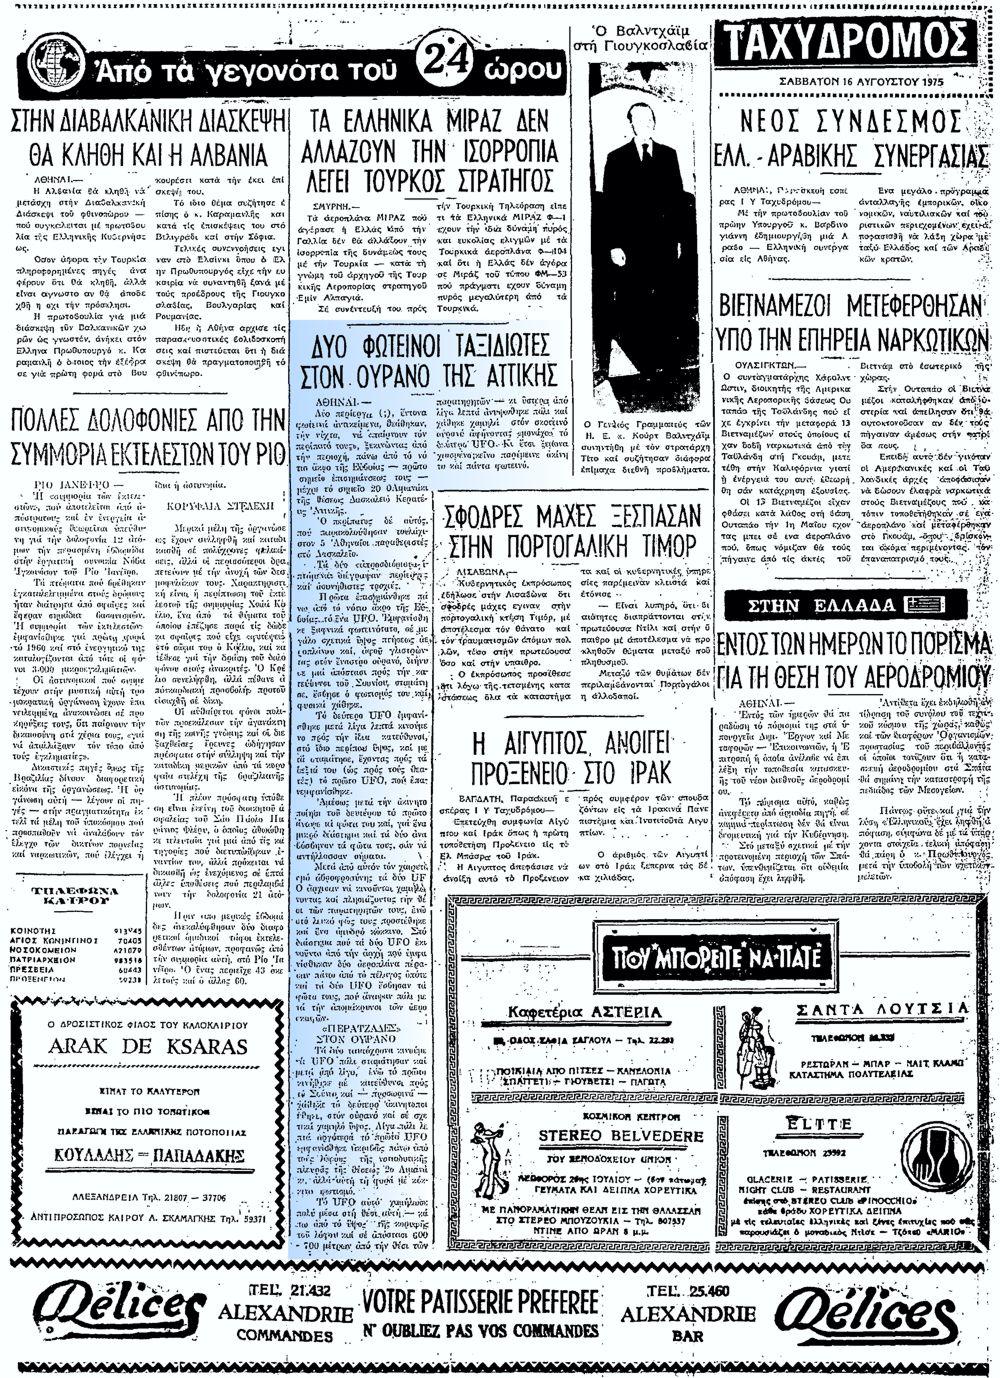 """Το άρθρο, όπως δημοσιεύθηκε στην εφημερίδα """"ΤΑΧΥΔΡΟΜΟΣ"""", στις 16/08/1975"""